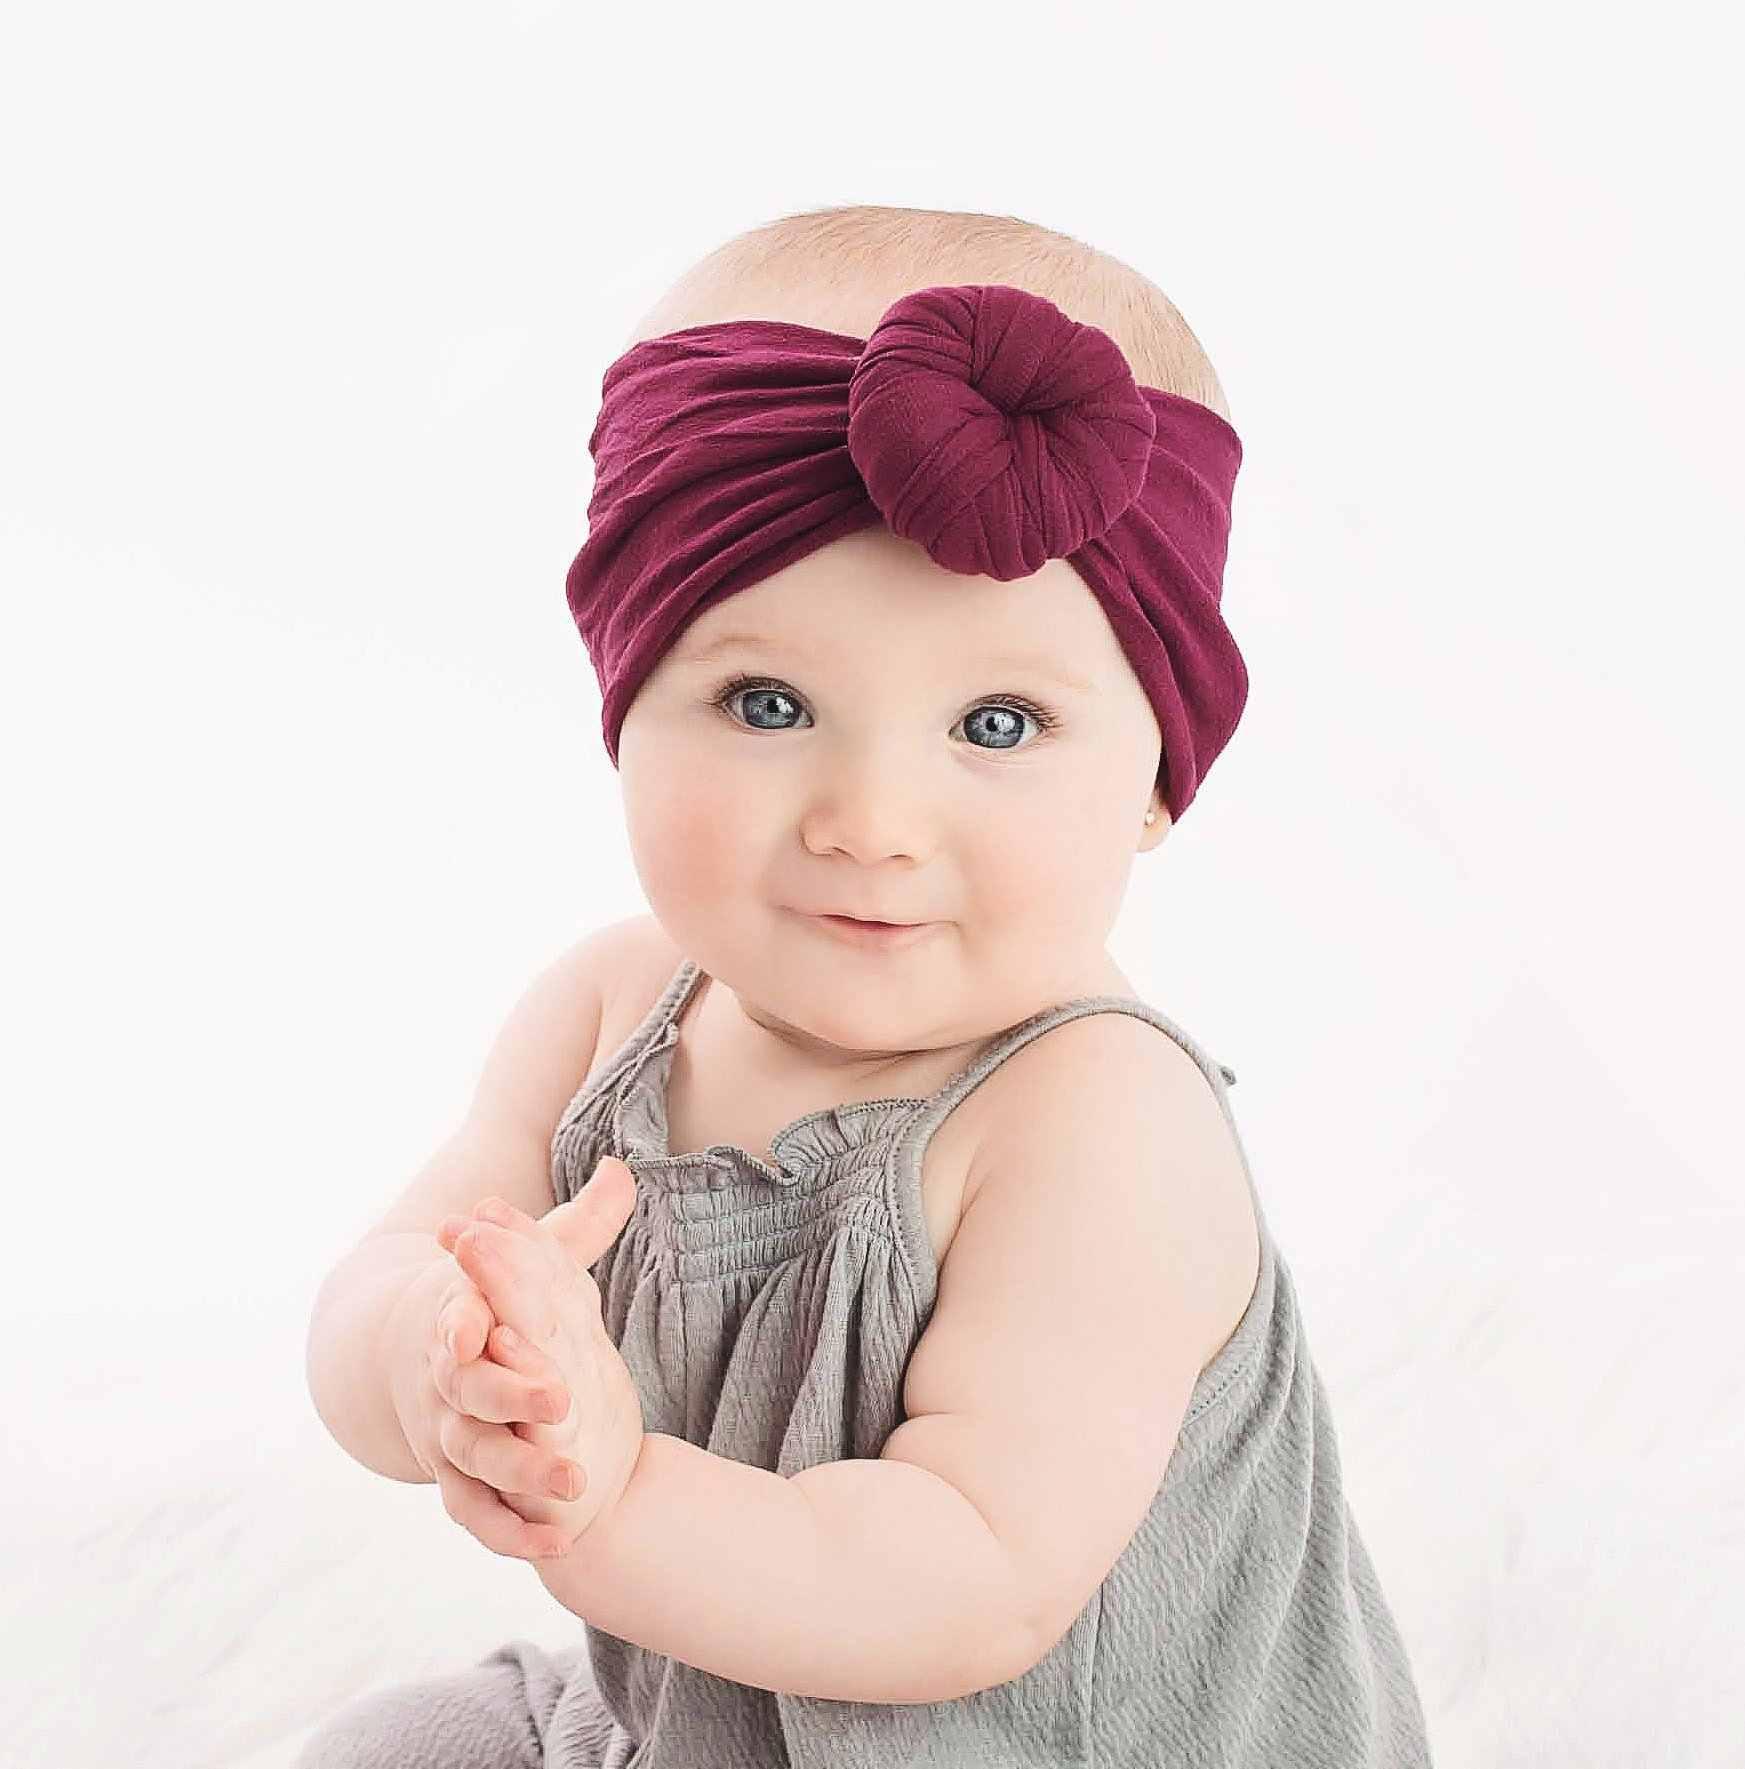 Детская повязка на голову для новорожденных девочек, повязка на голову, тюрбан для младенцев Детские аксессуары для волос, нейлоновая хлопчатобумажная повязка для головы, повязка на голову, забавные, кавайные, мягкие, 2019